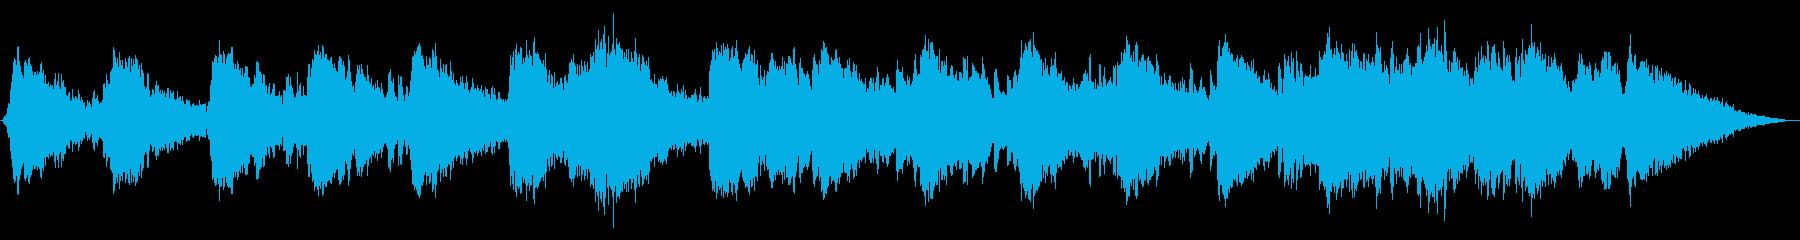 幻想的で少し不思議なシンセサイザー音楽の再生済みの波形